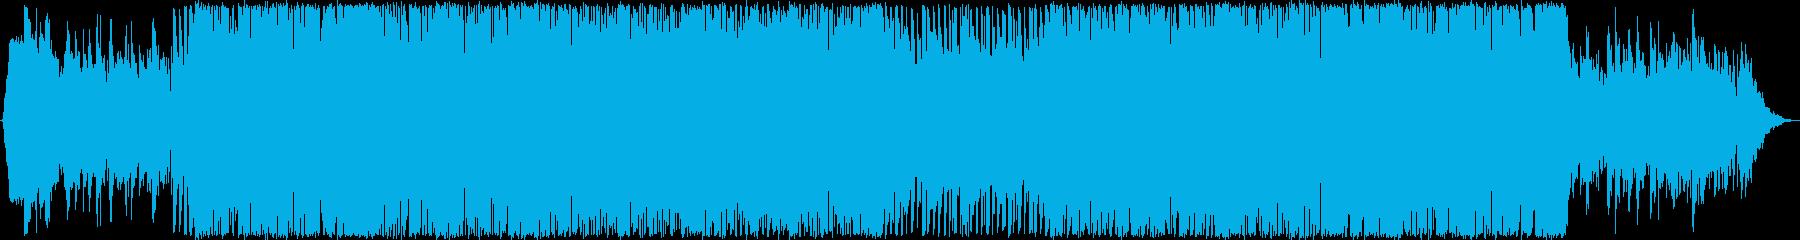 ピアノ・ブラス・華やかダンスポップBGMの再生済みの波形